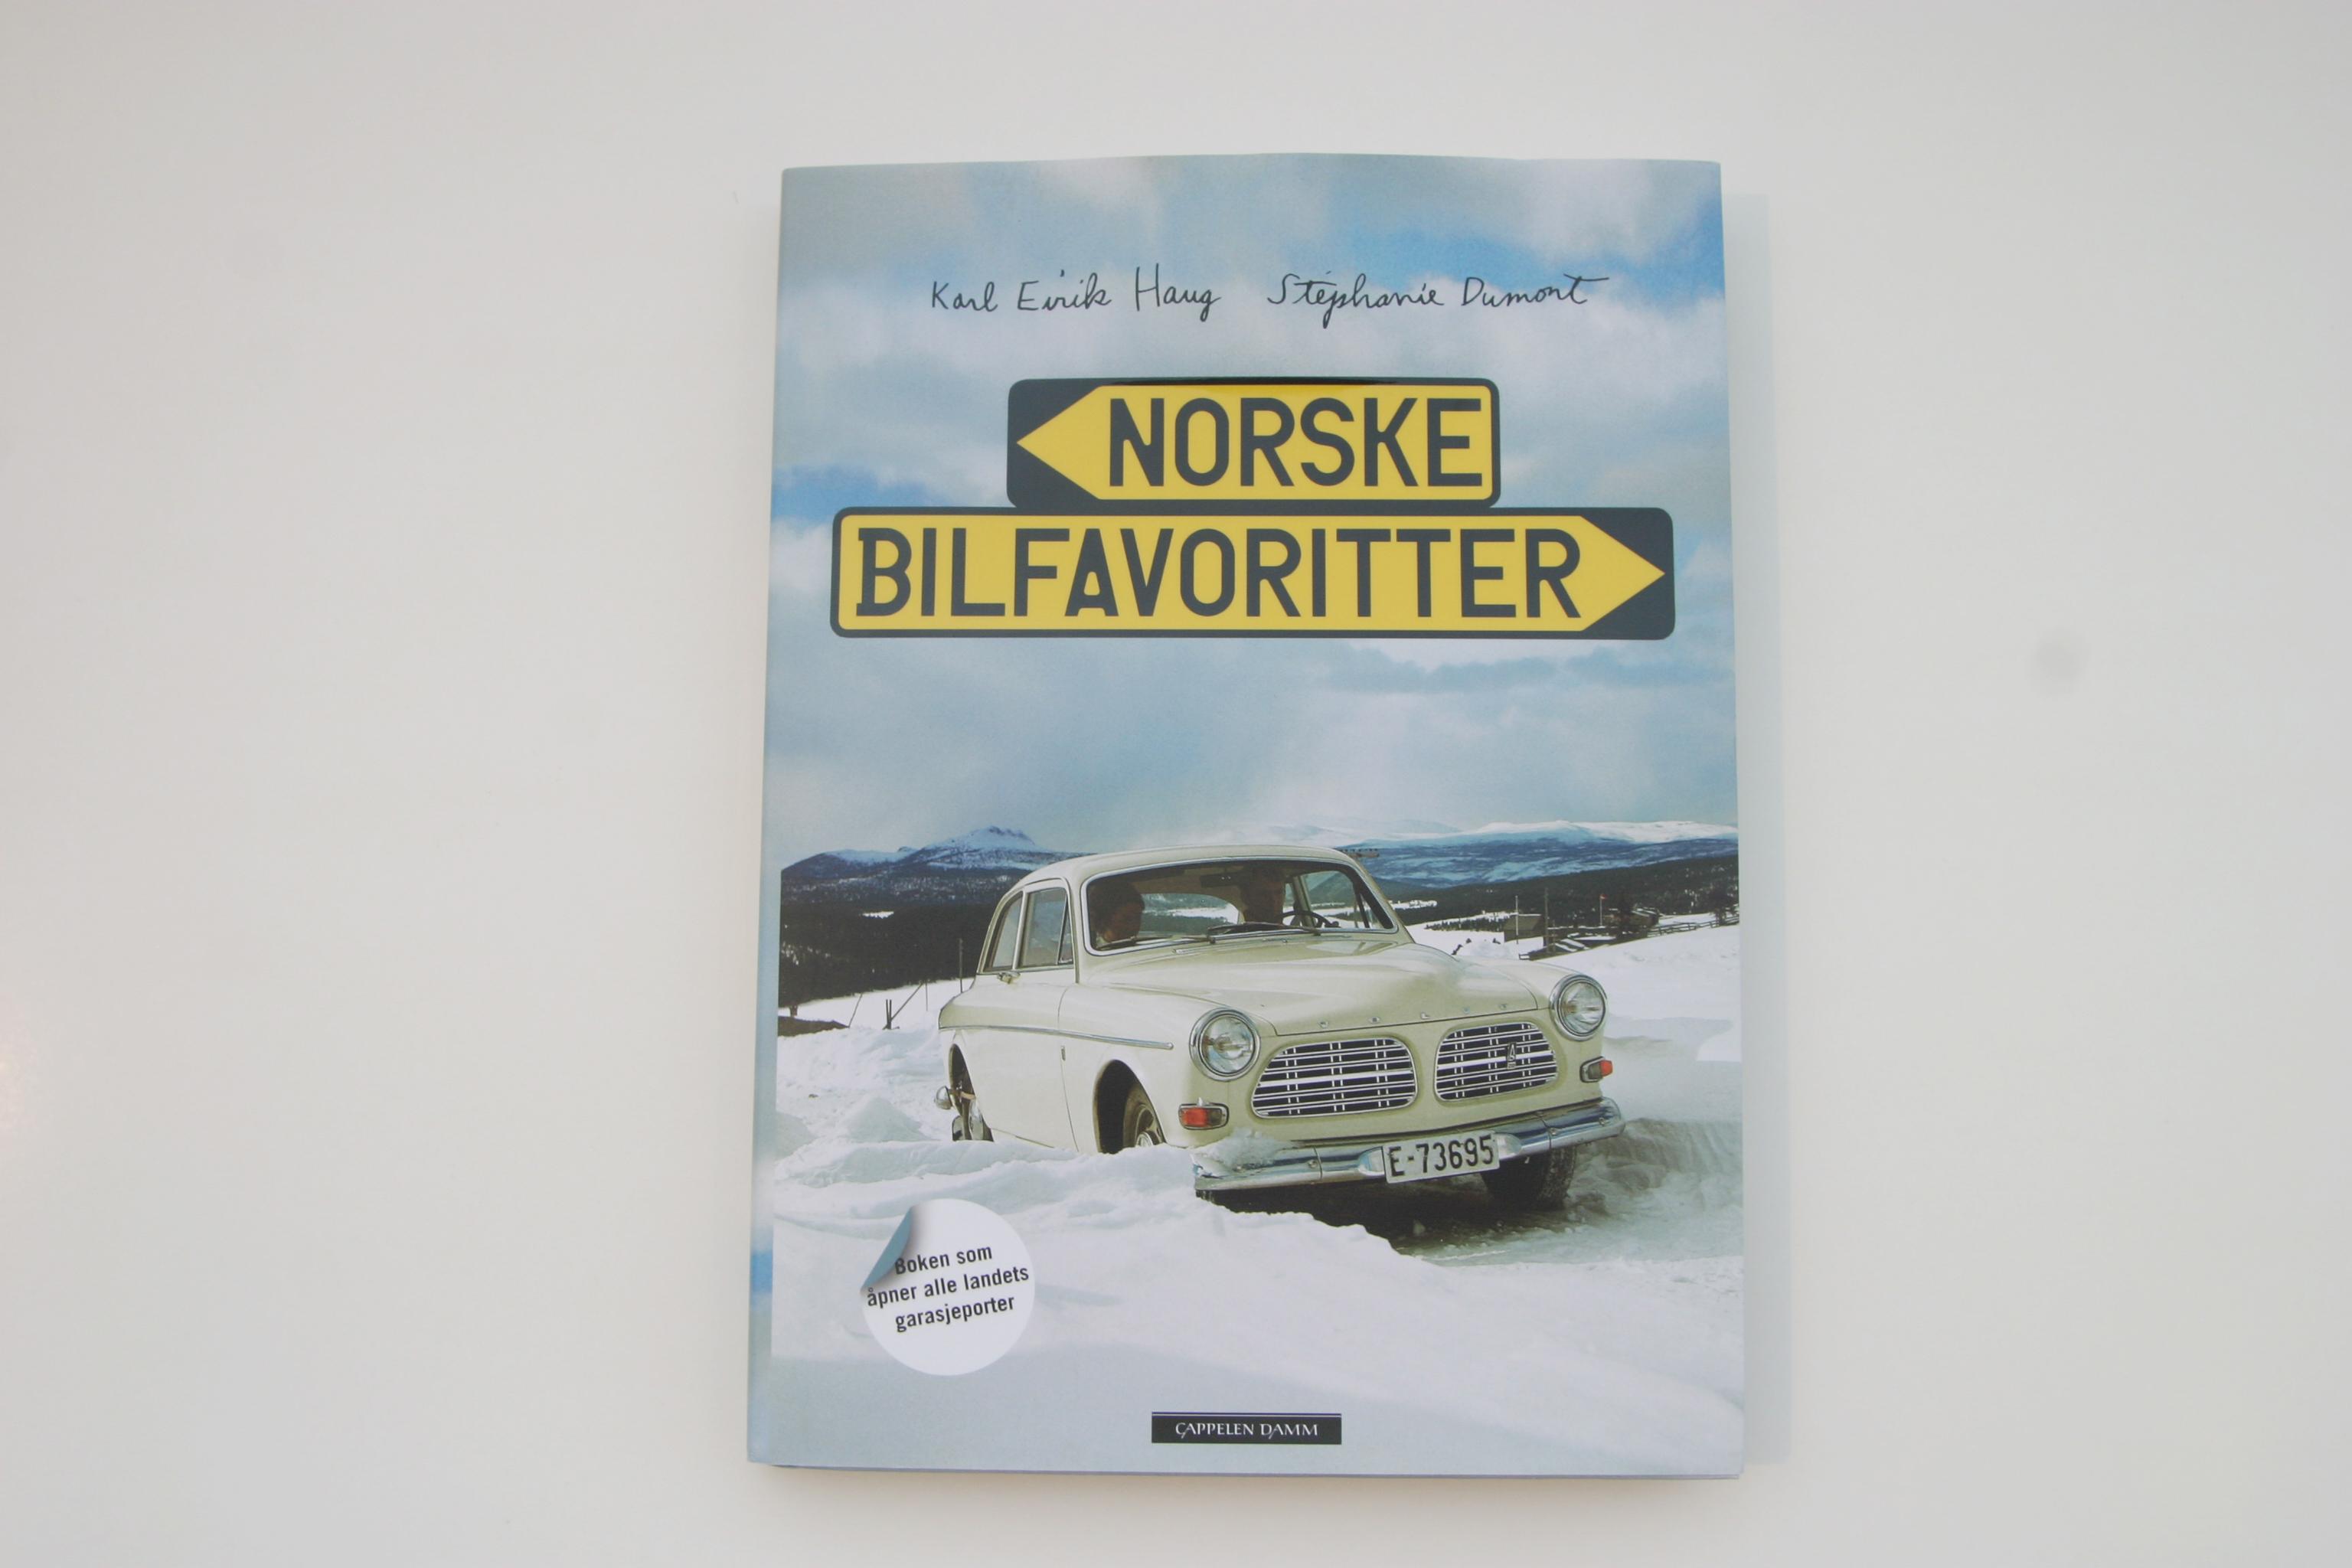 Norske Bilfavoritter